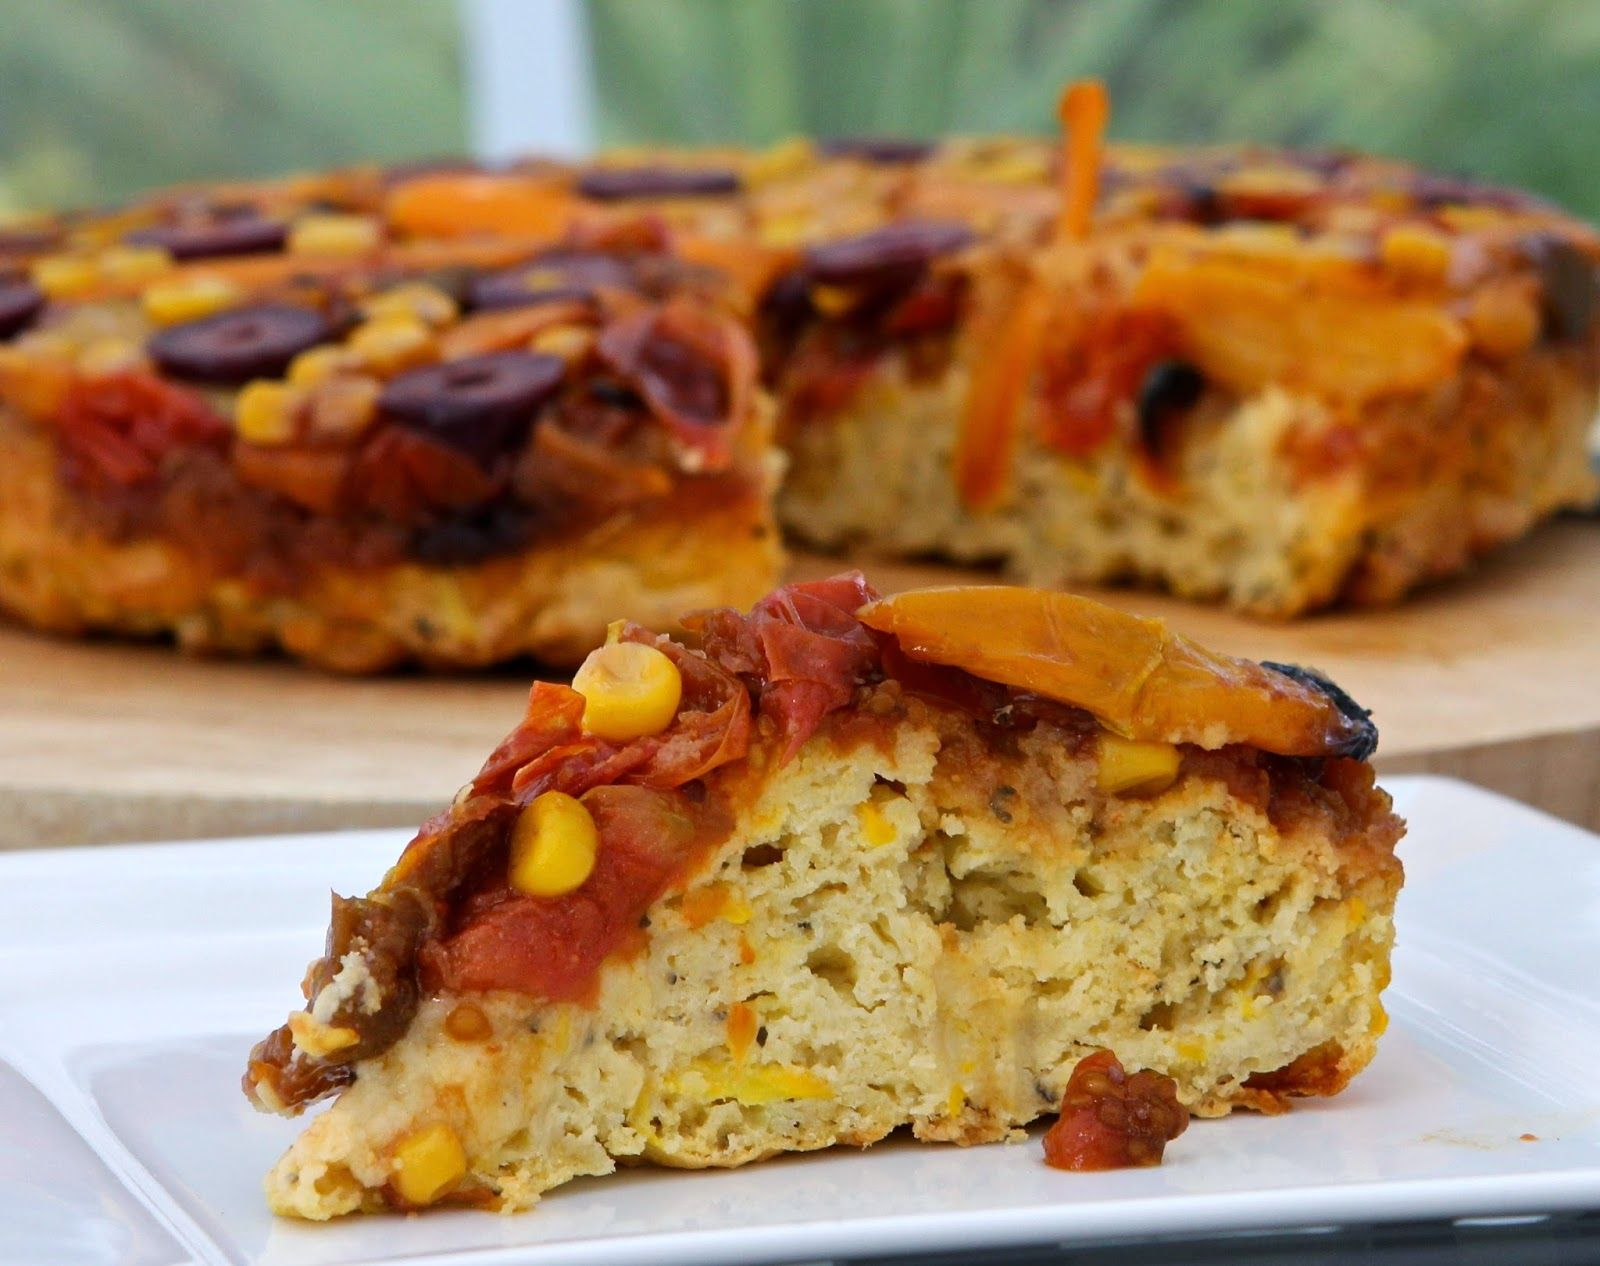 Savoury Summer Upside Down Cake - gluten free